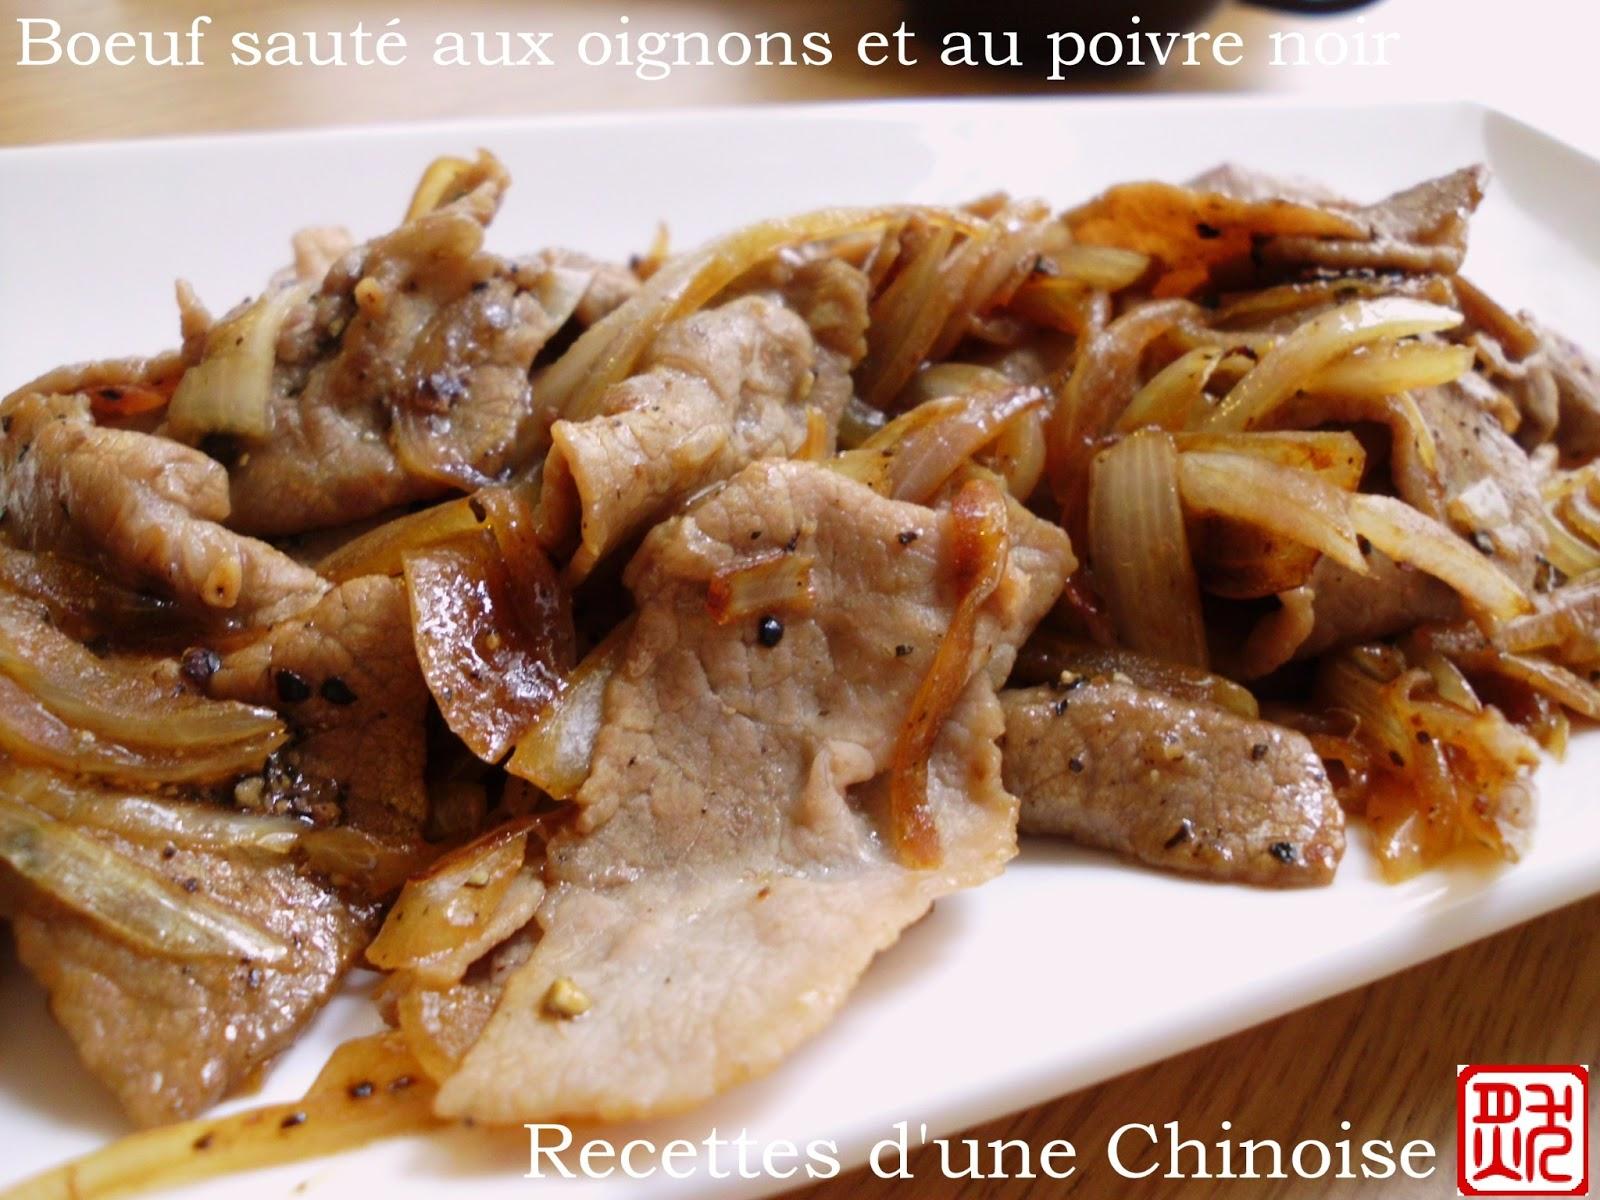 Recettes d 39 une chinoise boeuf saut aux oignons et au poivre noir h iji o y ngc ng ni r u - Comment couper de la viande congelee ...